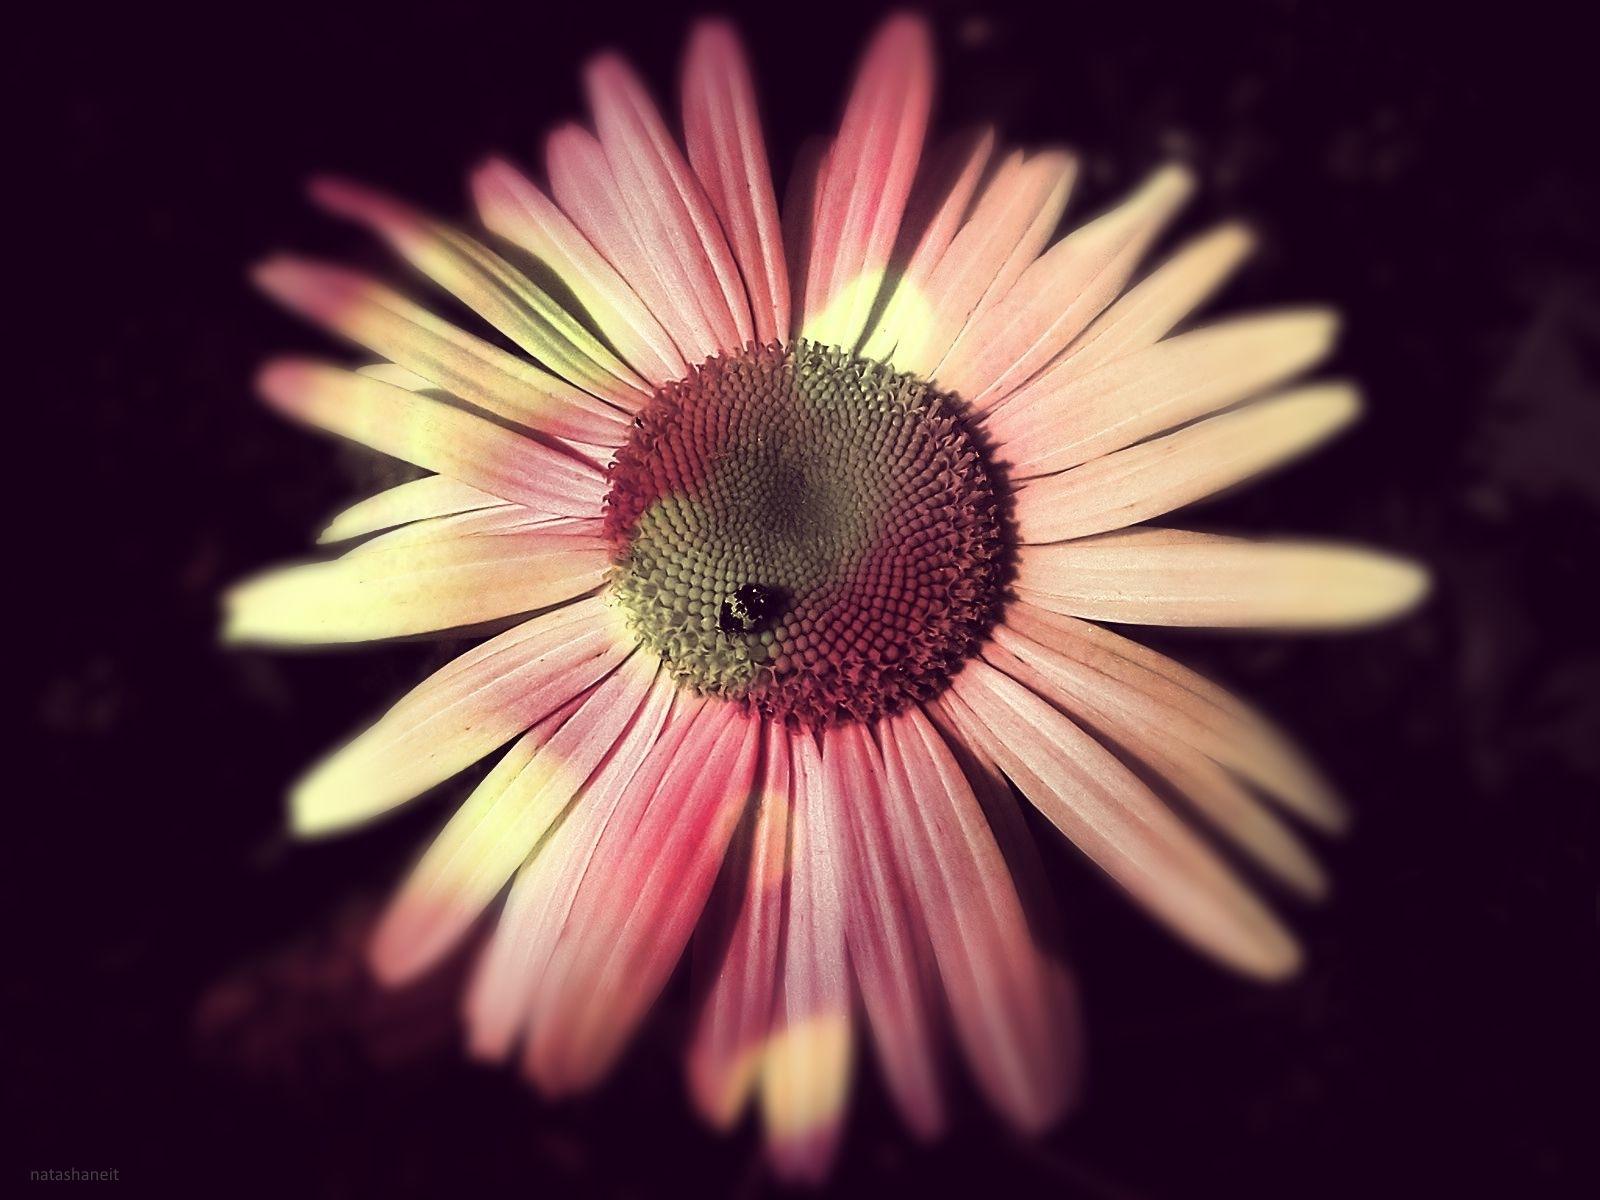 Daisy by natashaneit